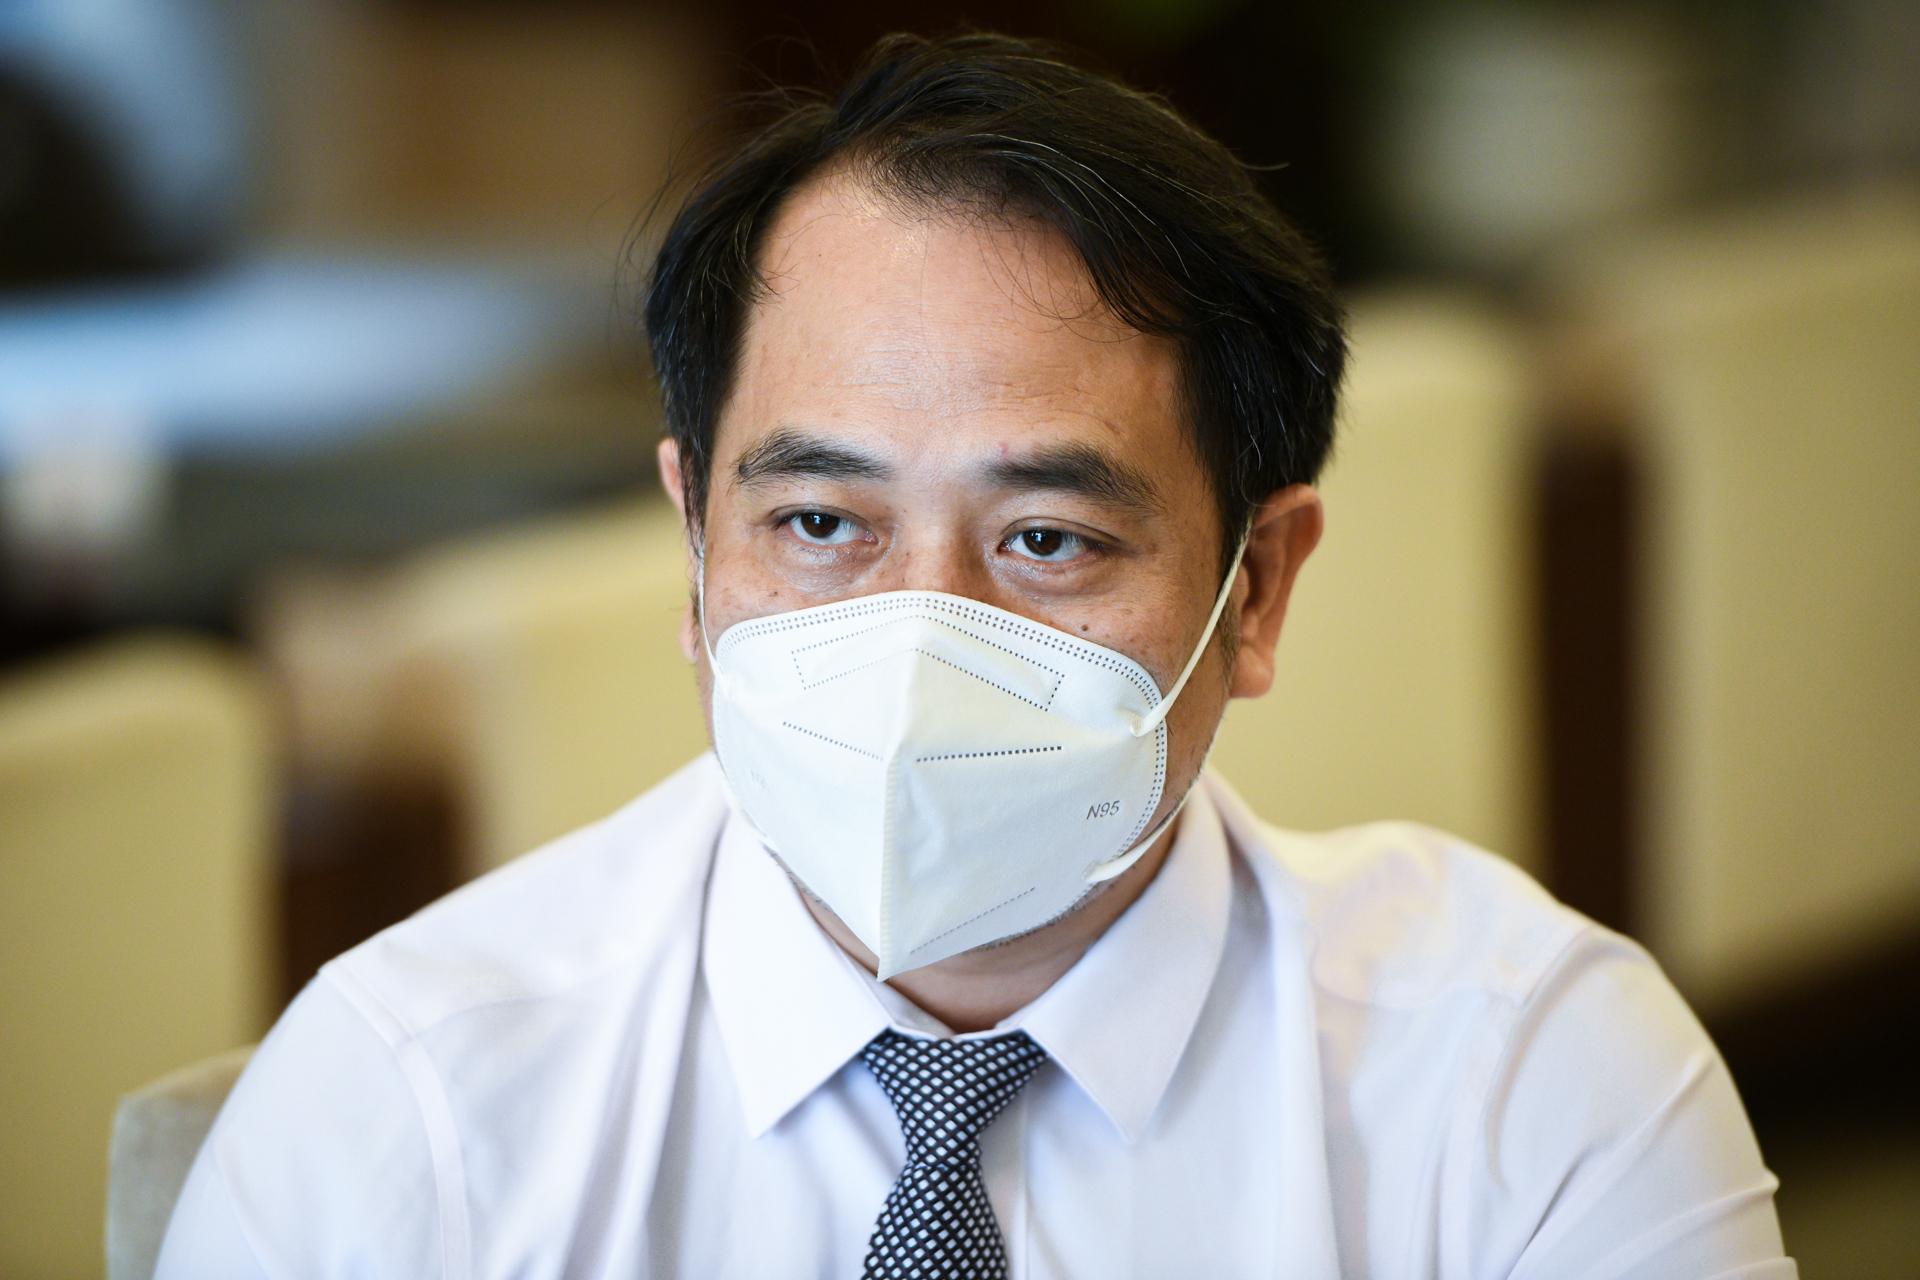 Bác sĩ Nguyễn Trung Cấp, Phó giám đốc Bệnh viện Bệnh nhiệt đới Trung ương. Ảnh: Bộ Y tế.